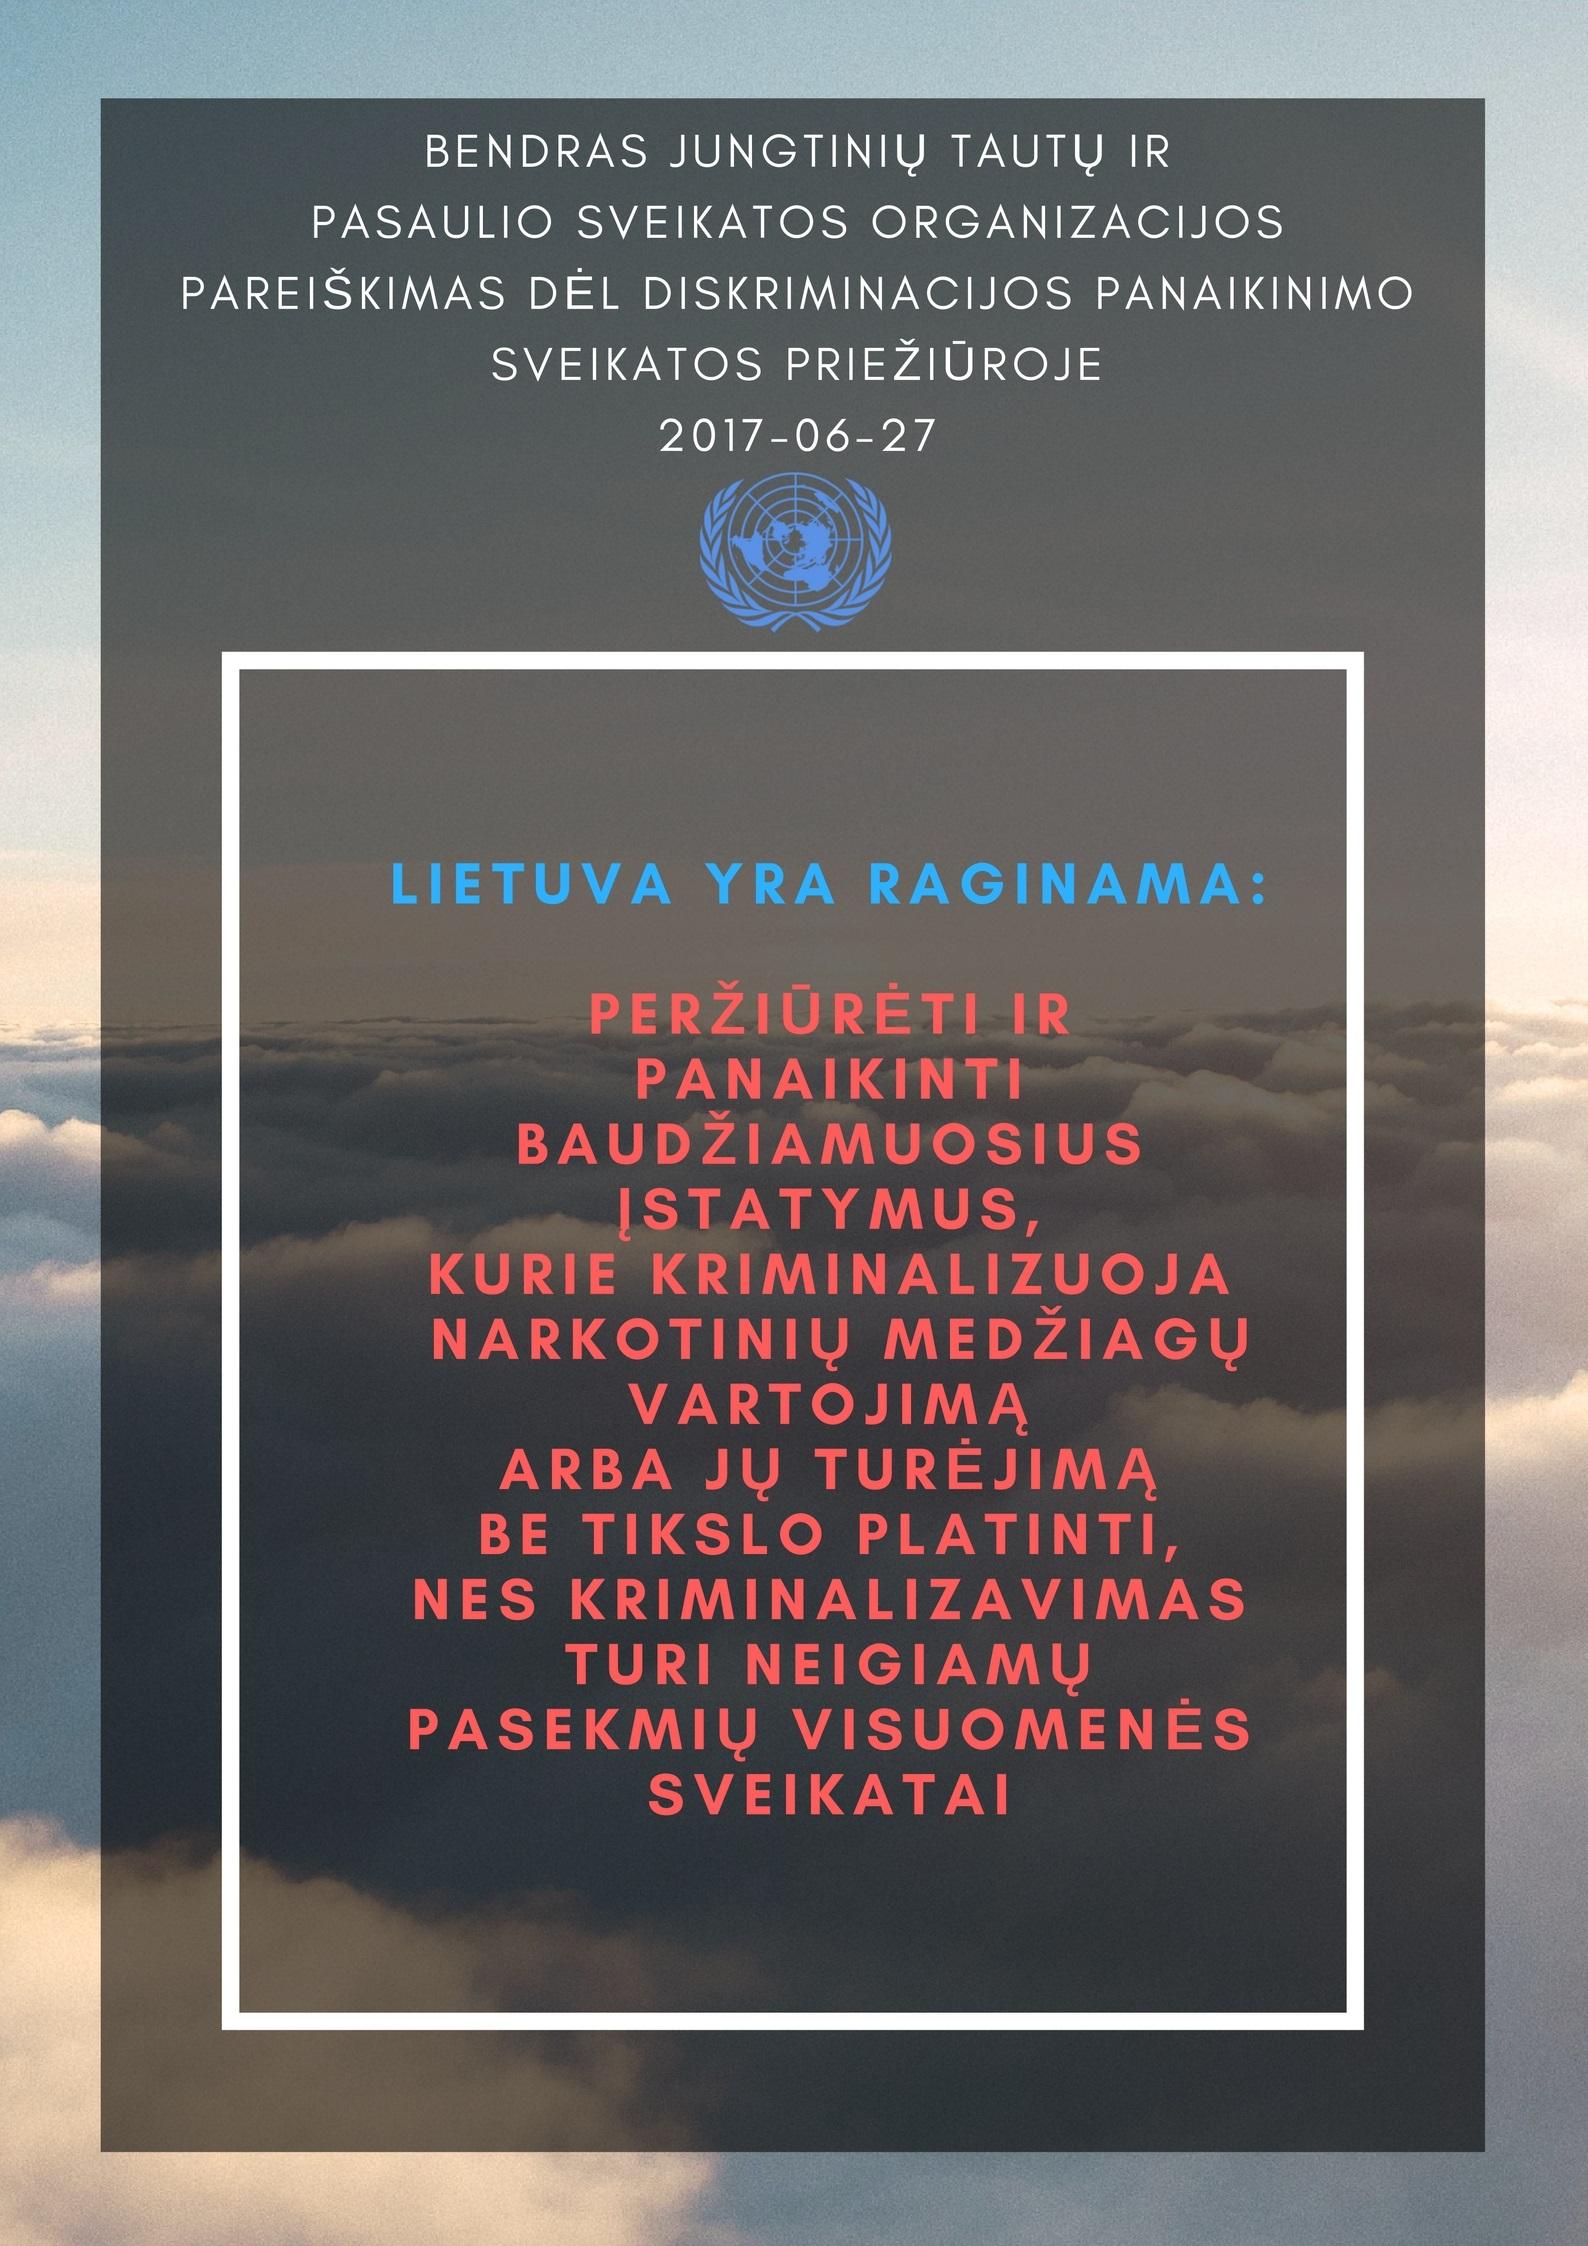 JTO pareiškimas infografikas